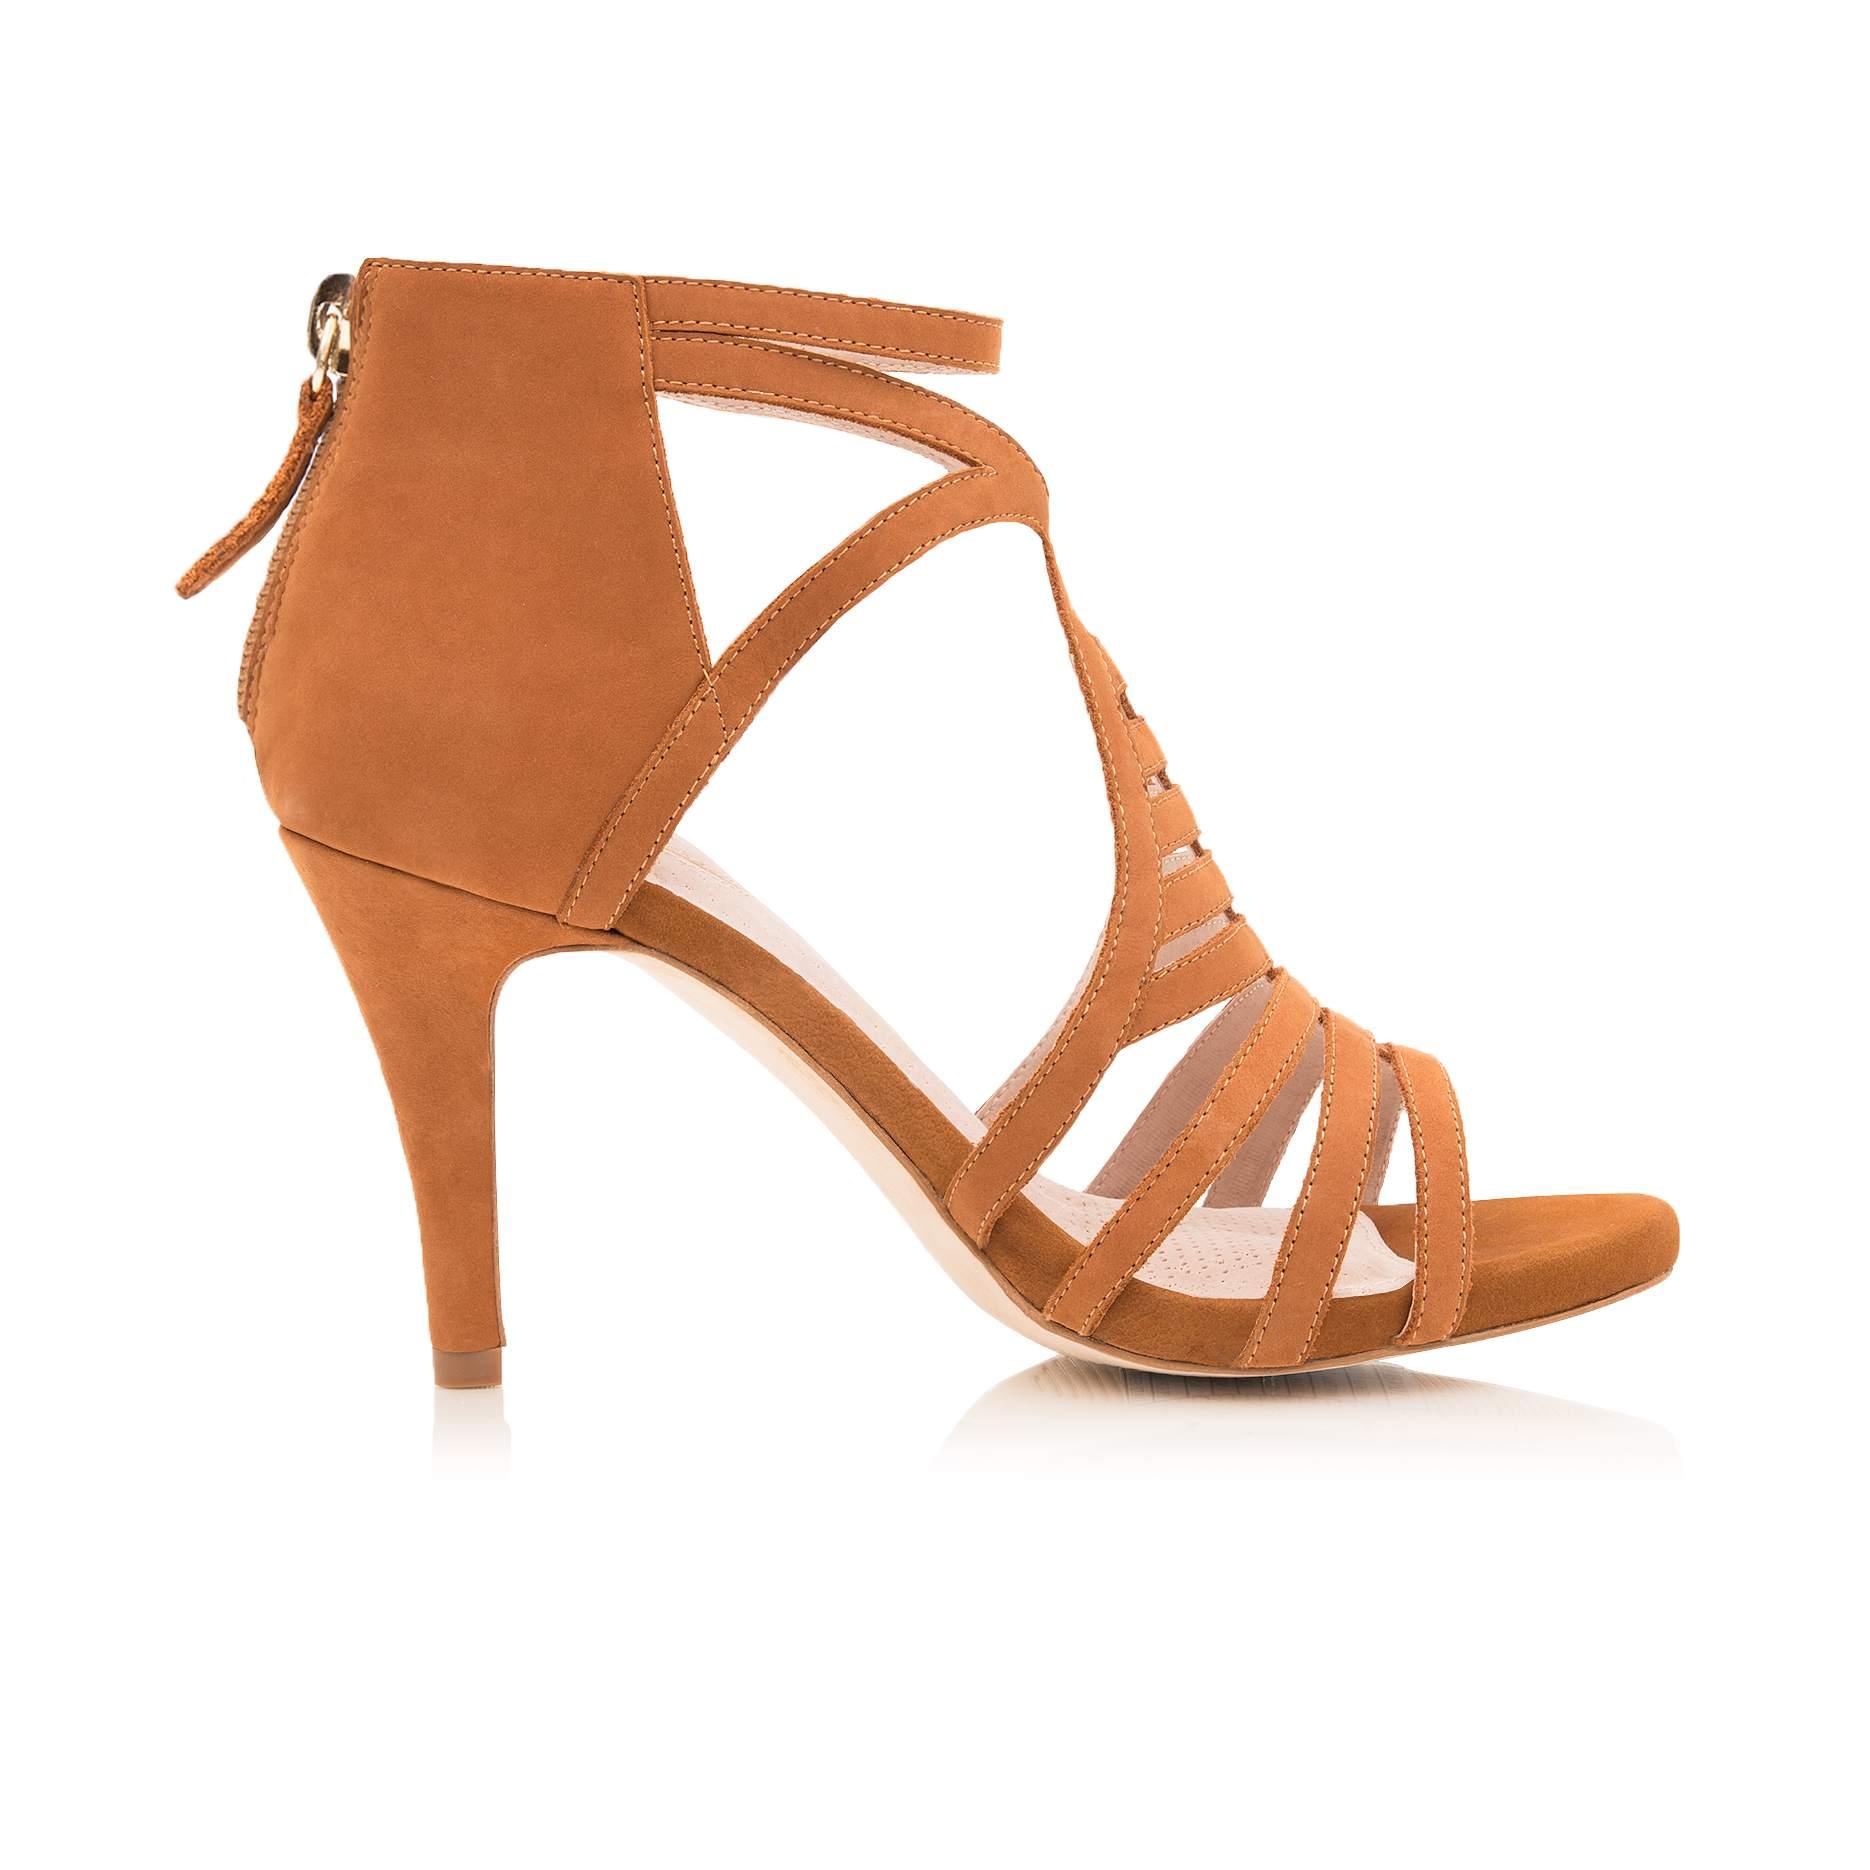 sargossa shoes8 Gorgeous Stilettos Trends 2016 by Sargossa